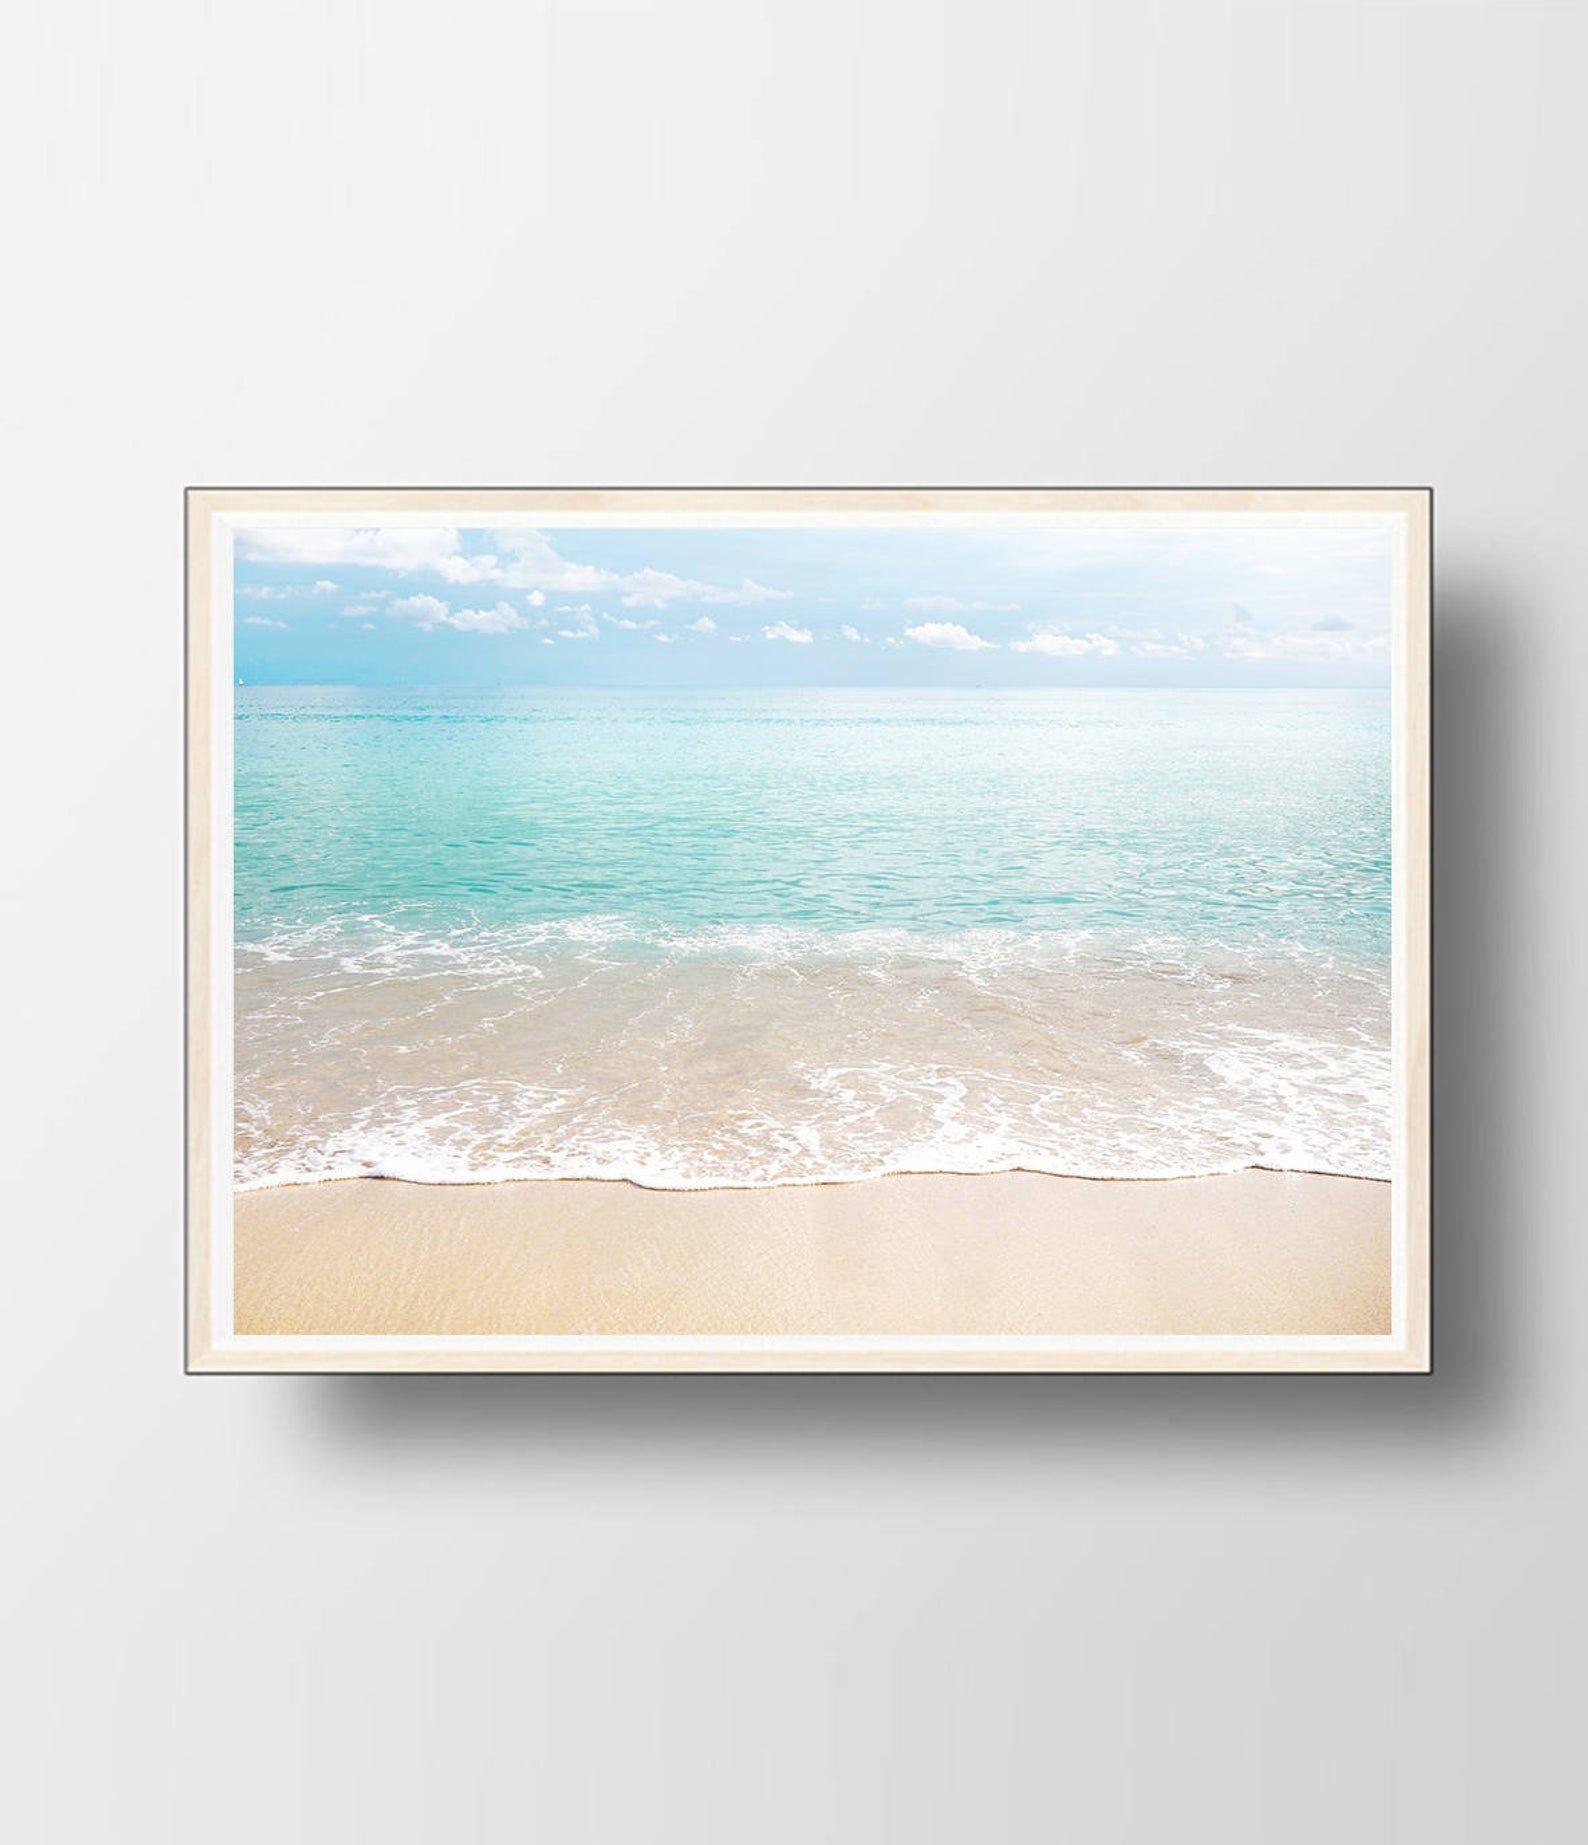 Ocean Print Ocean Wall Art Beach Decor Ocean Decor Beach Wall